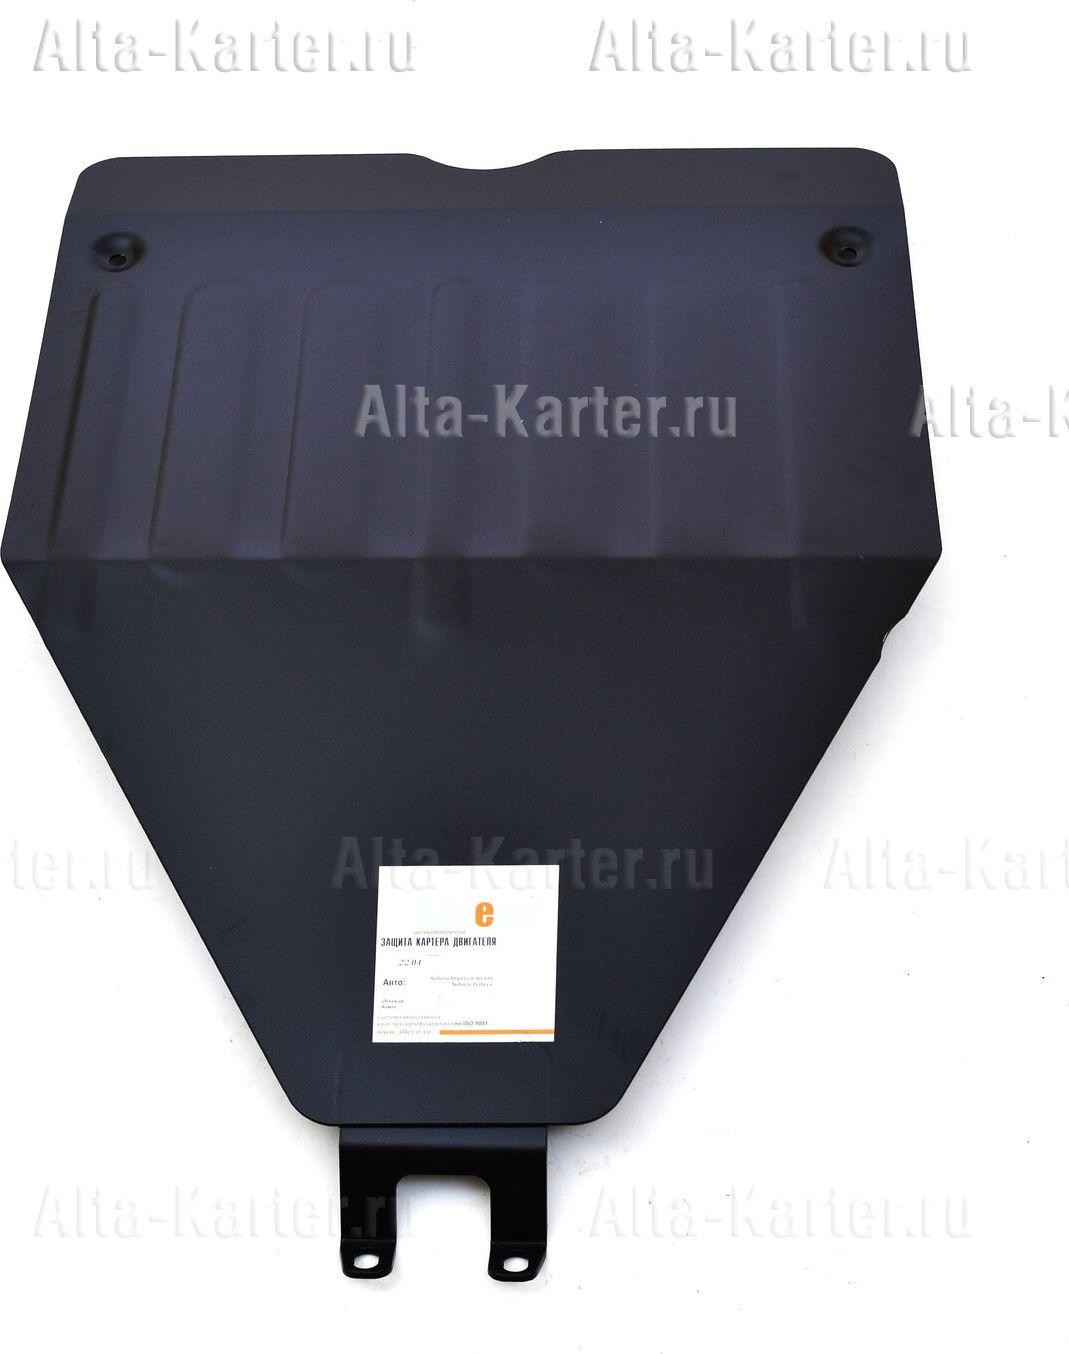 Защита Alfeco для картера Subaru Tribeca I 2005-2007. Артикул ALF.22.04